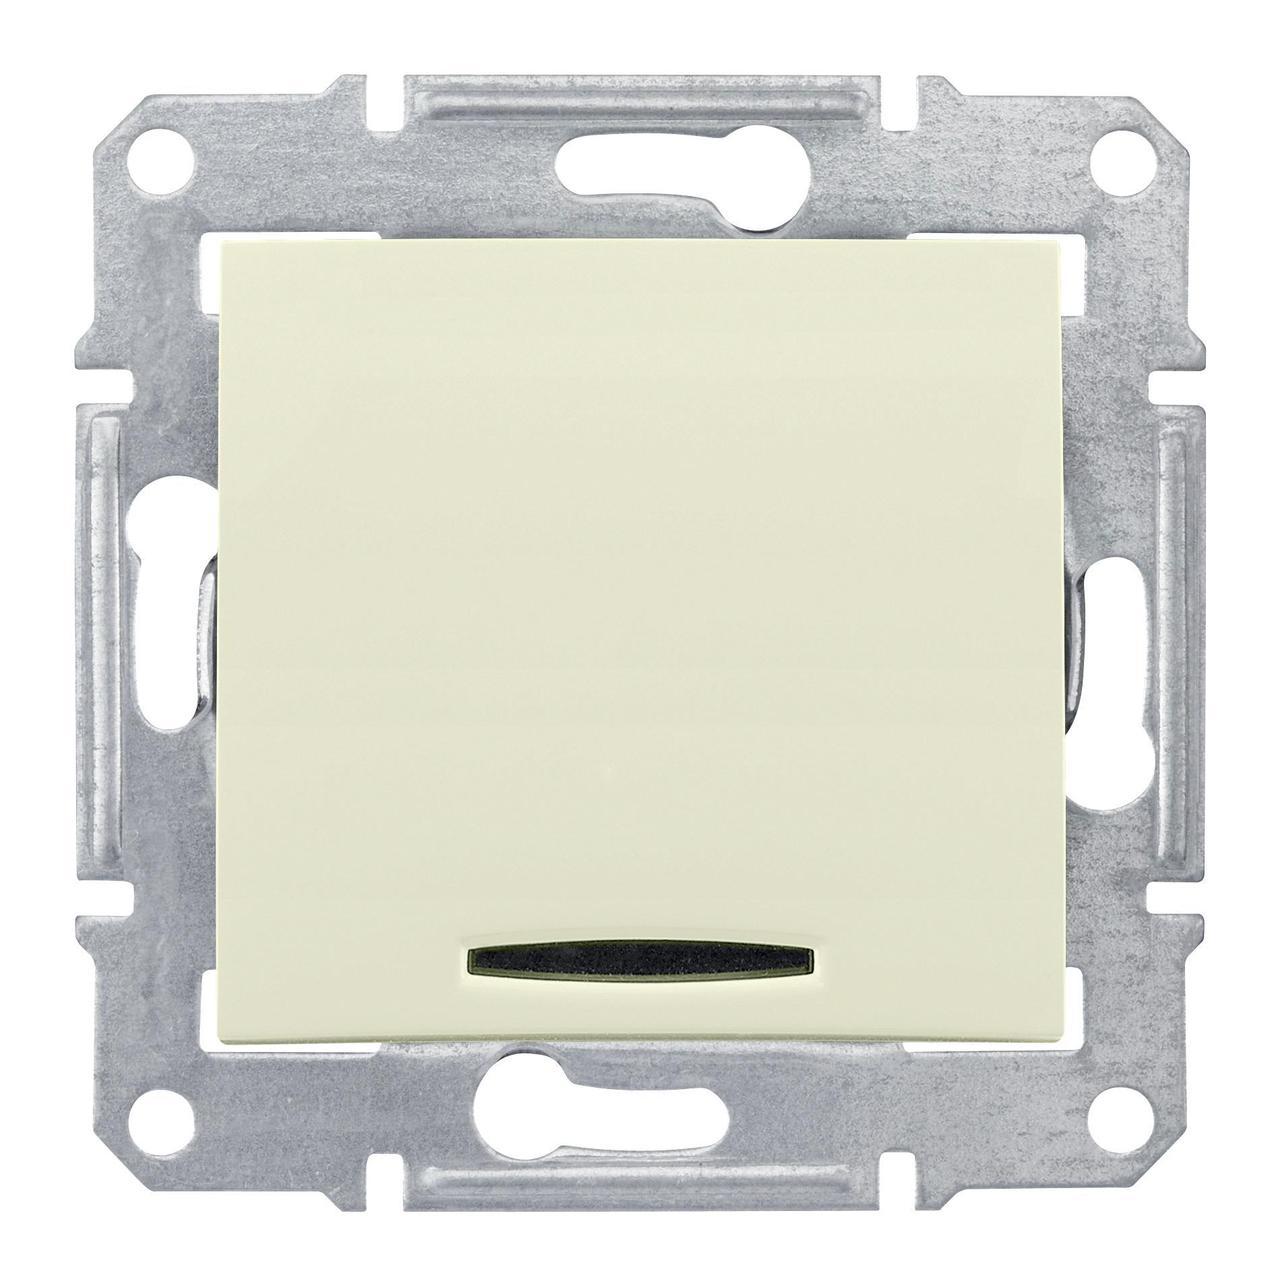 Выключатель 1-клавишный , с индикацией , Бежевый, серия Sedna, Schneider Electric